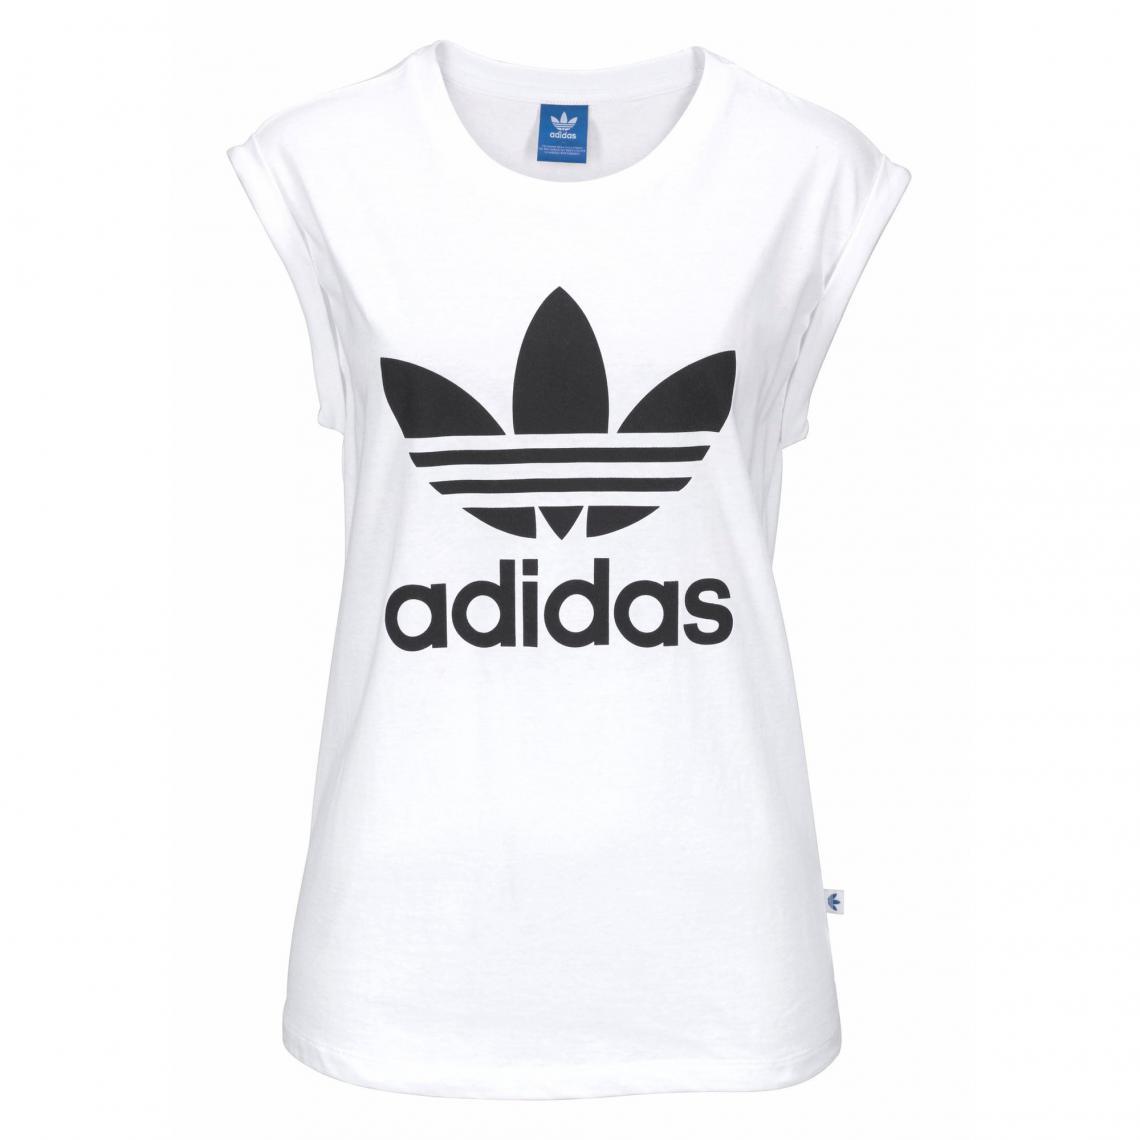 Tee-shirt femme Bf Trefoil Roll up Tee adidas Originals - Blanc Adidas  Originals 56a953a114c